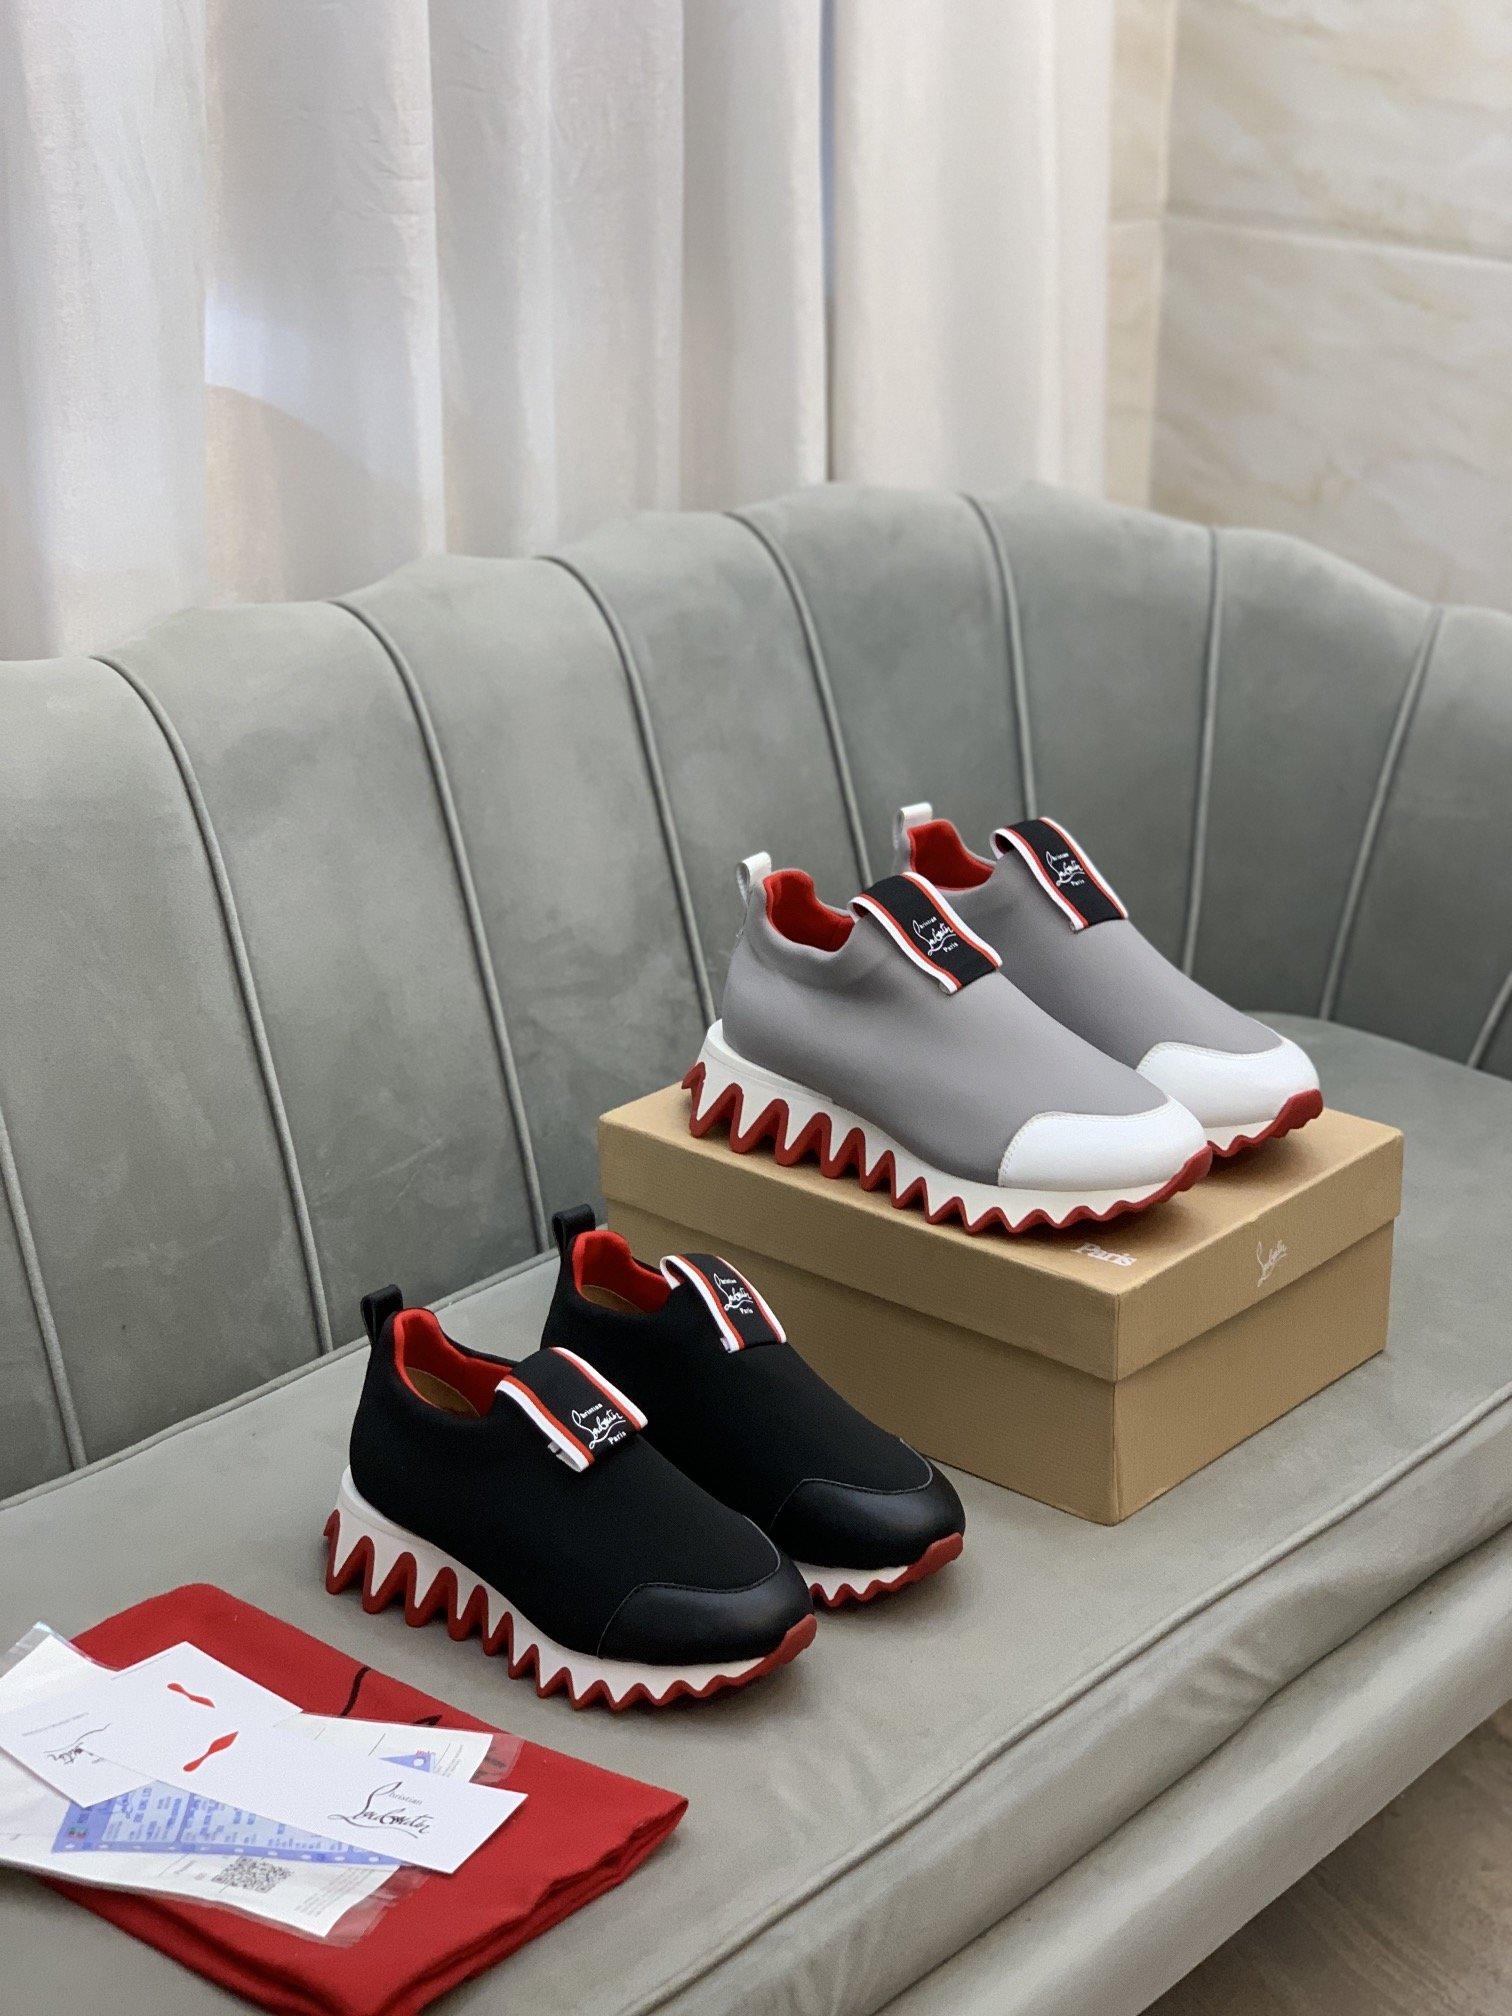 高端品质CLCL红底低帮运动鞋正码码